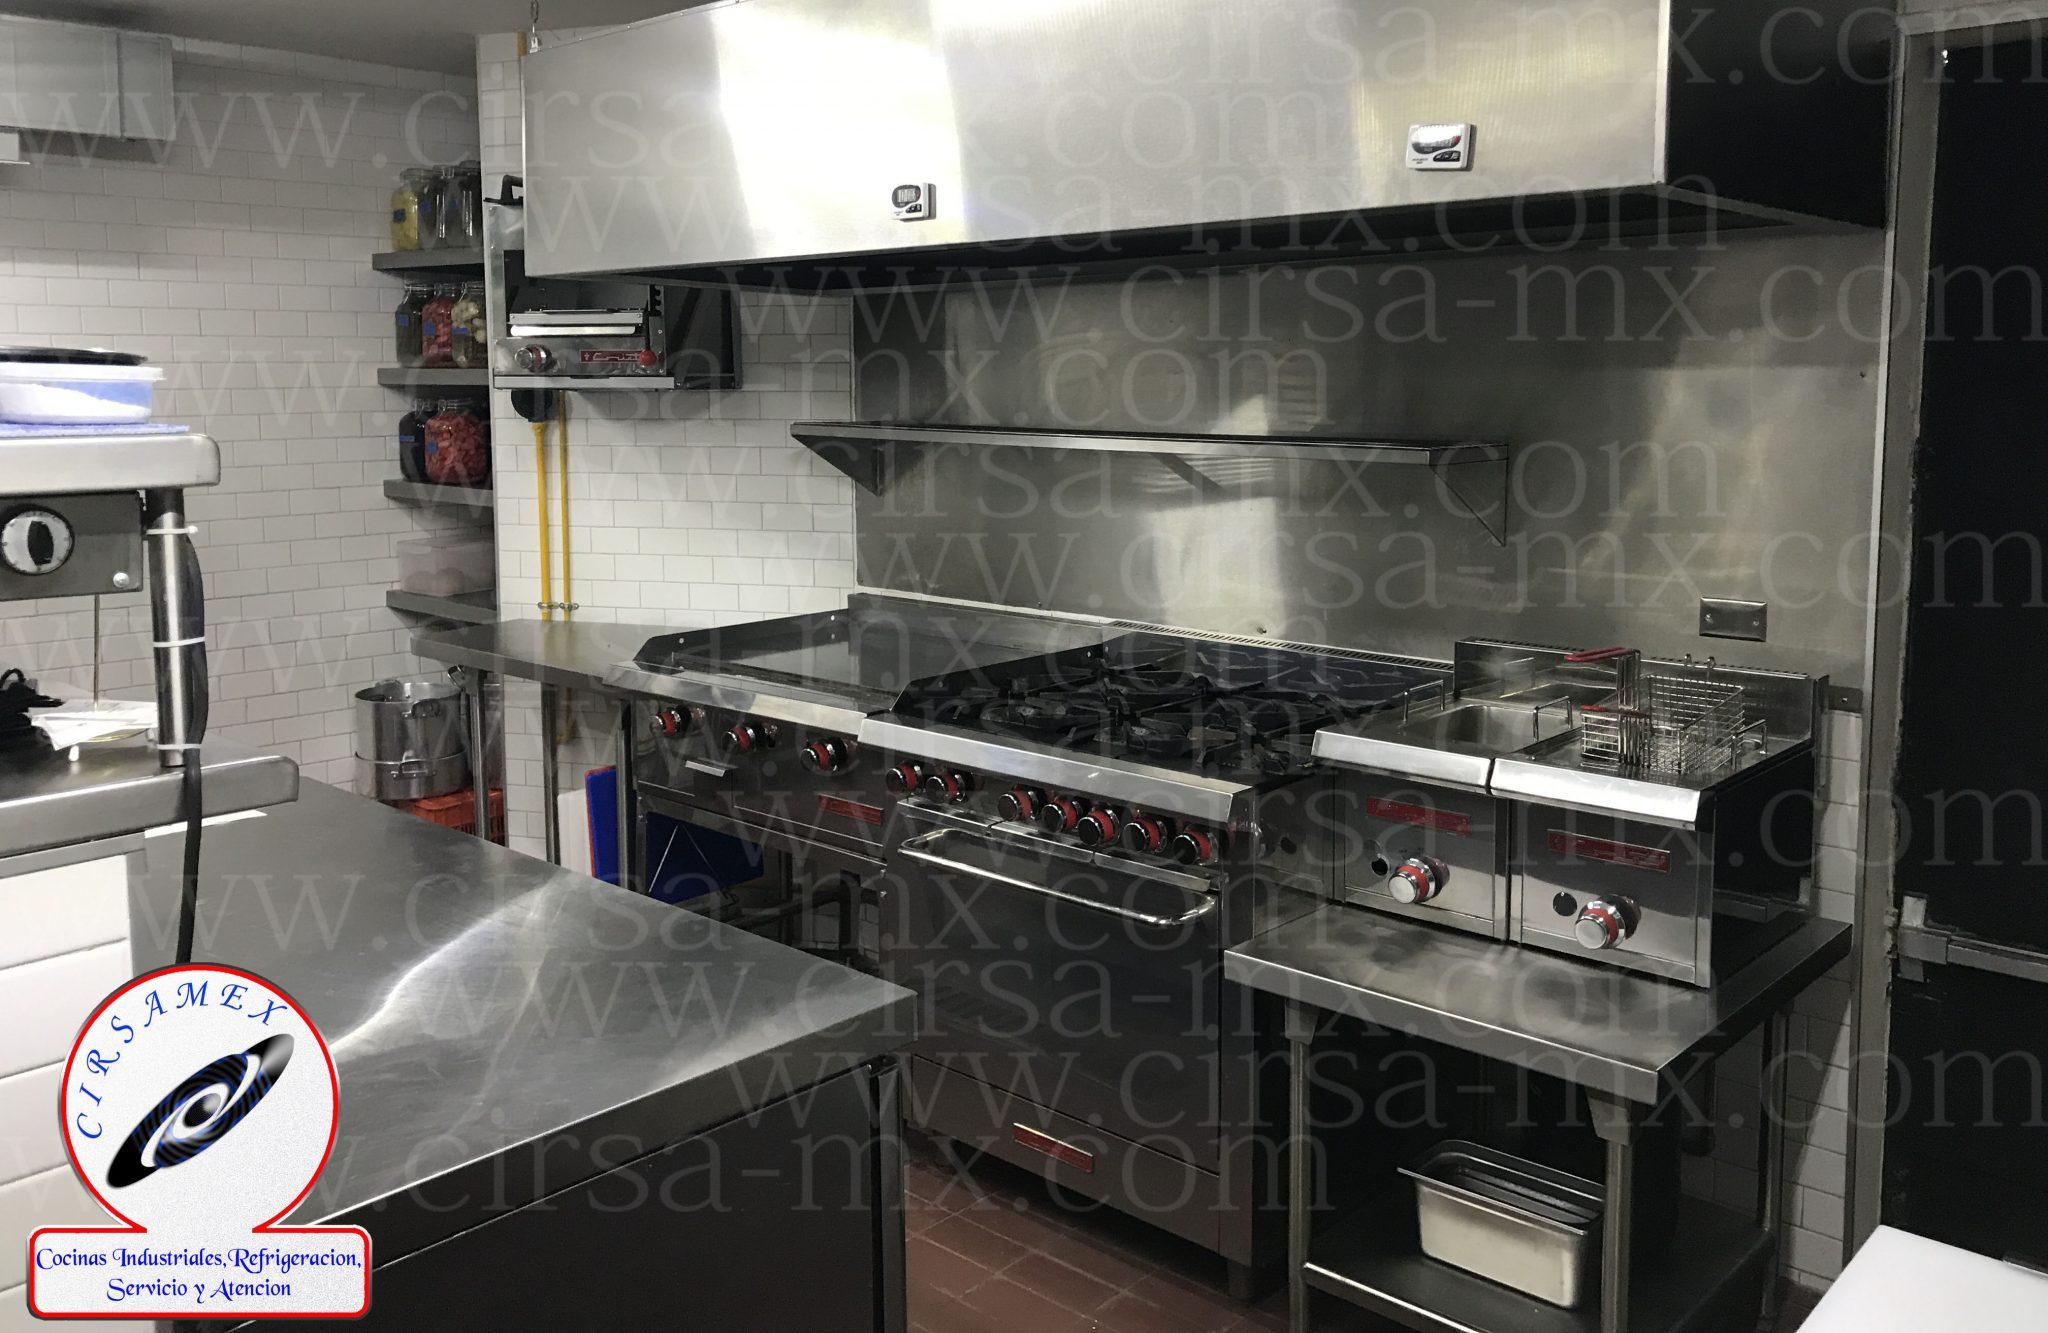 Cocinas Industriales Cirsamex Sa De Cv Fabrica 2018